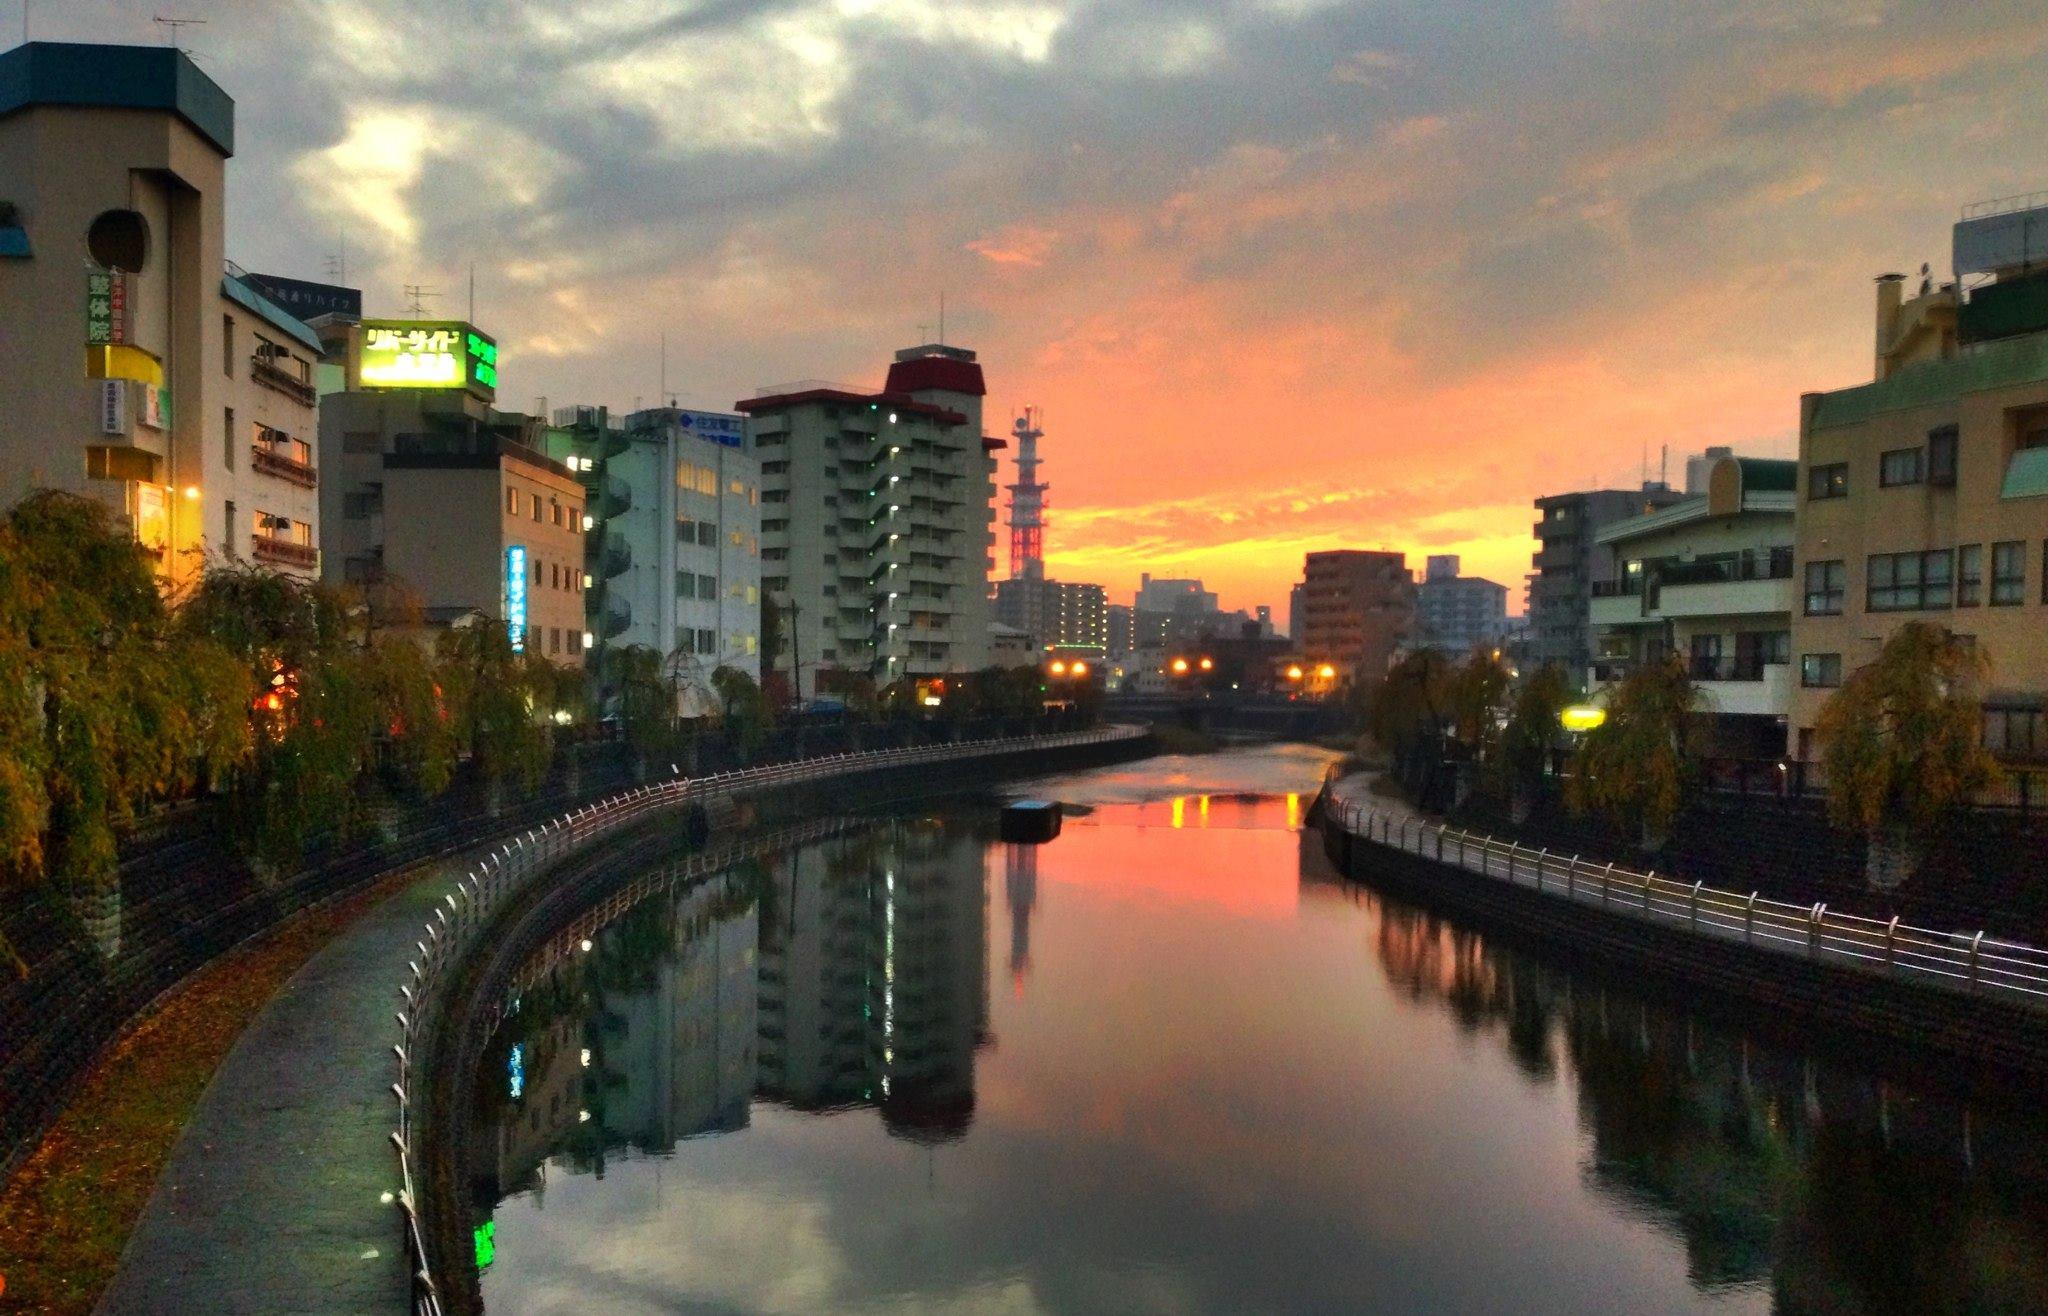 Utsunomiya, Tochigi, Japan